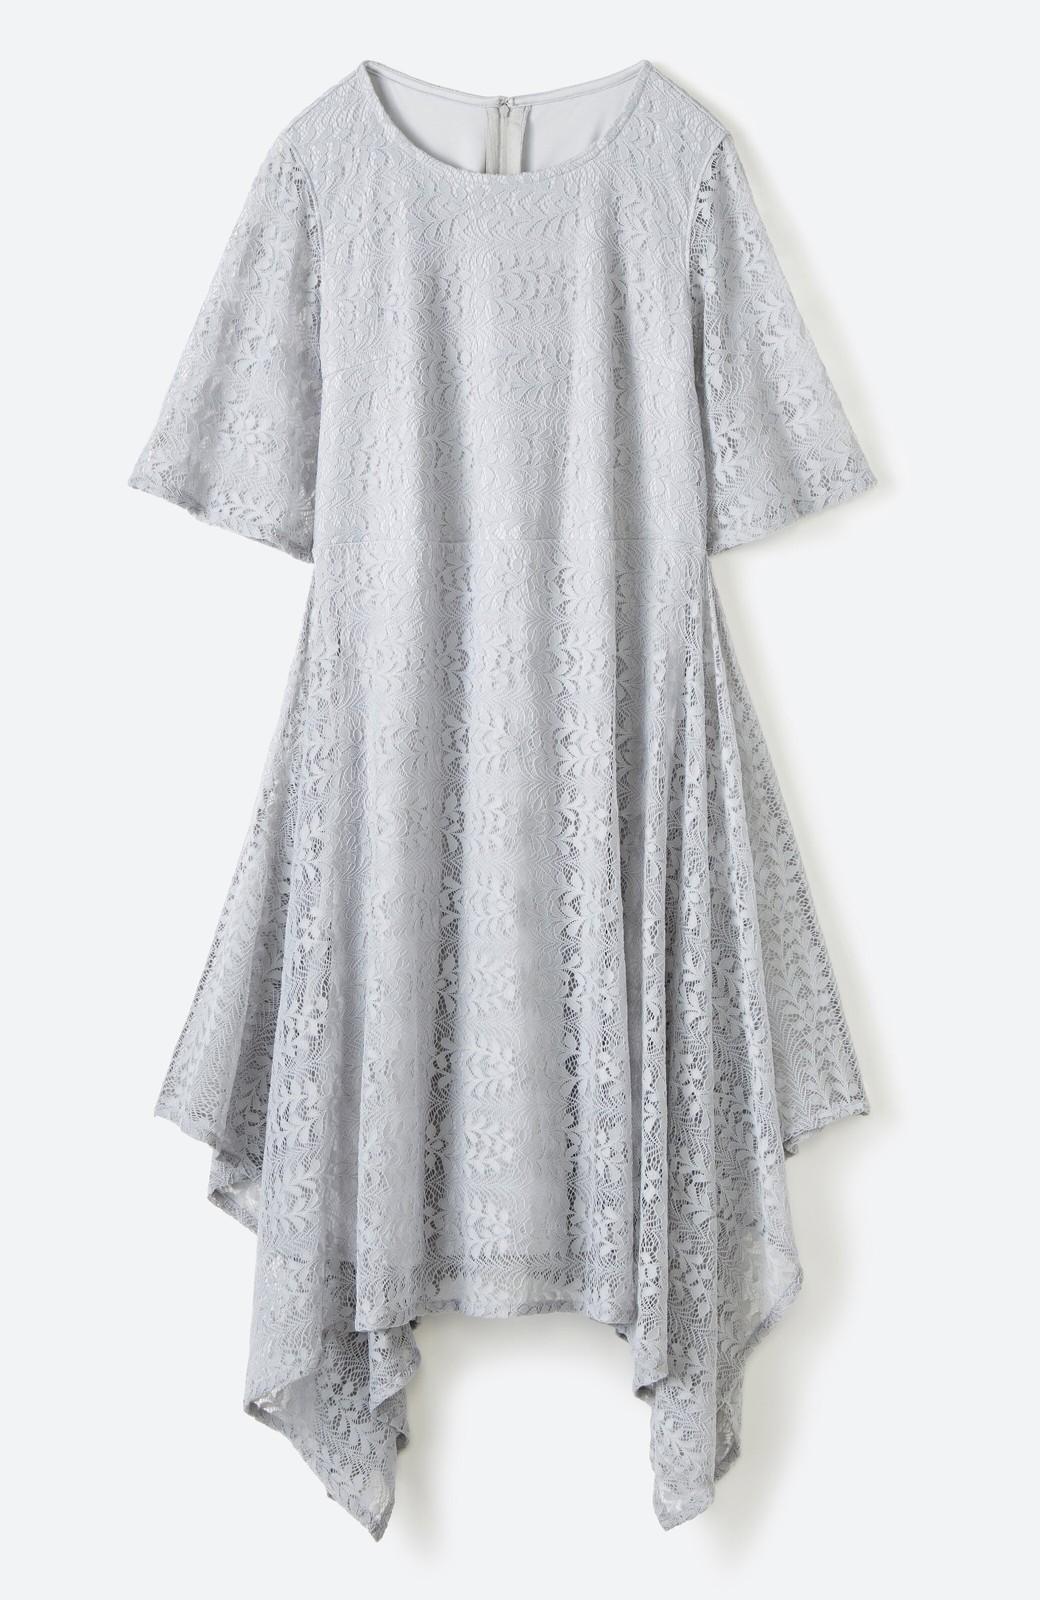 haco! 結婚式にも便利!スカートのドレープがきれいなレースワンピース <グレー>の商品写真2